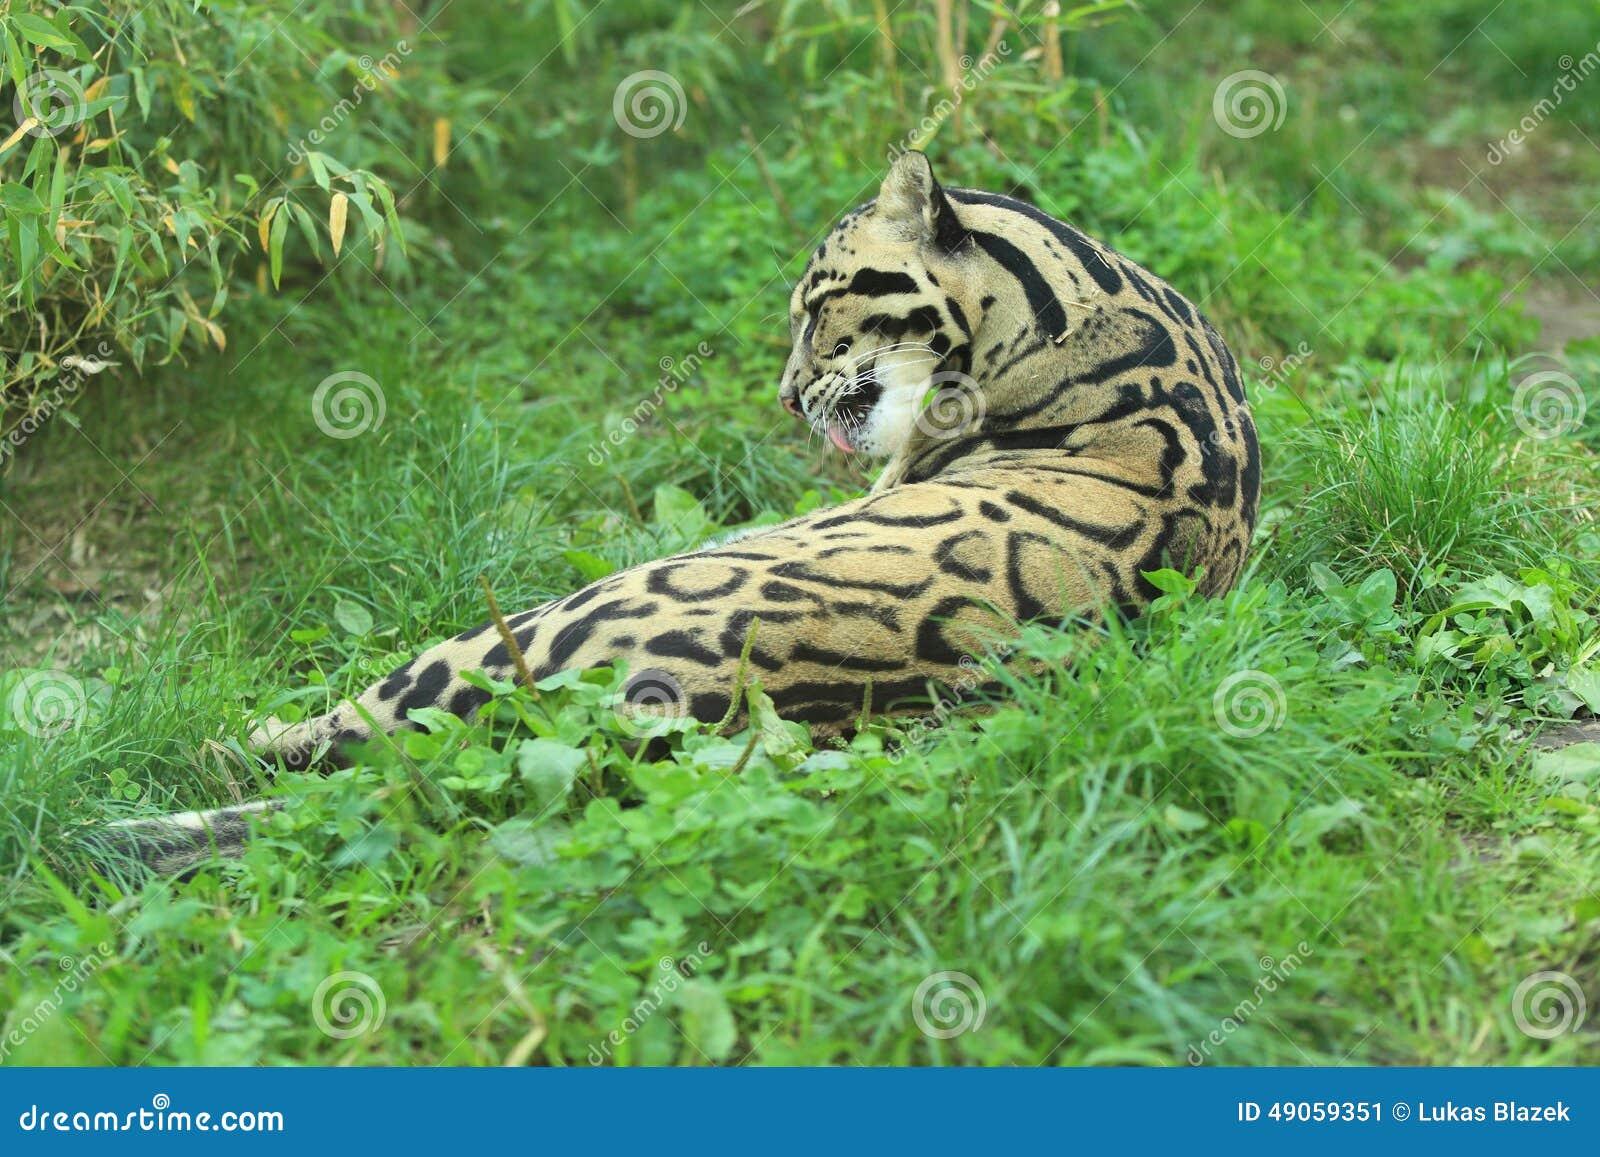 Leopardo nublado de mentira